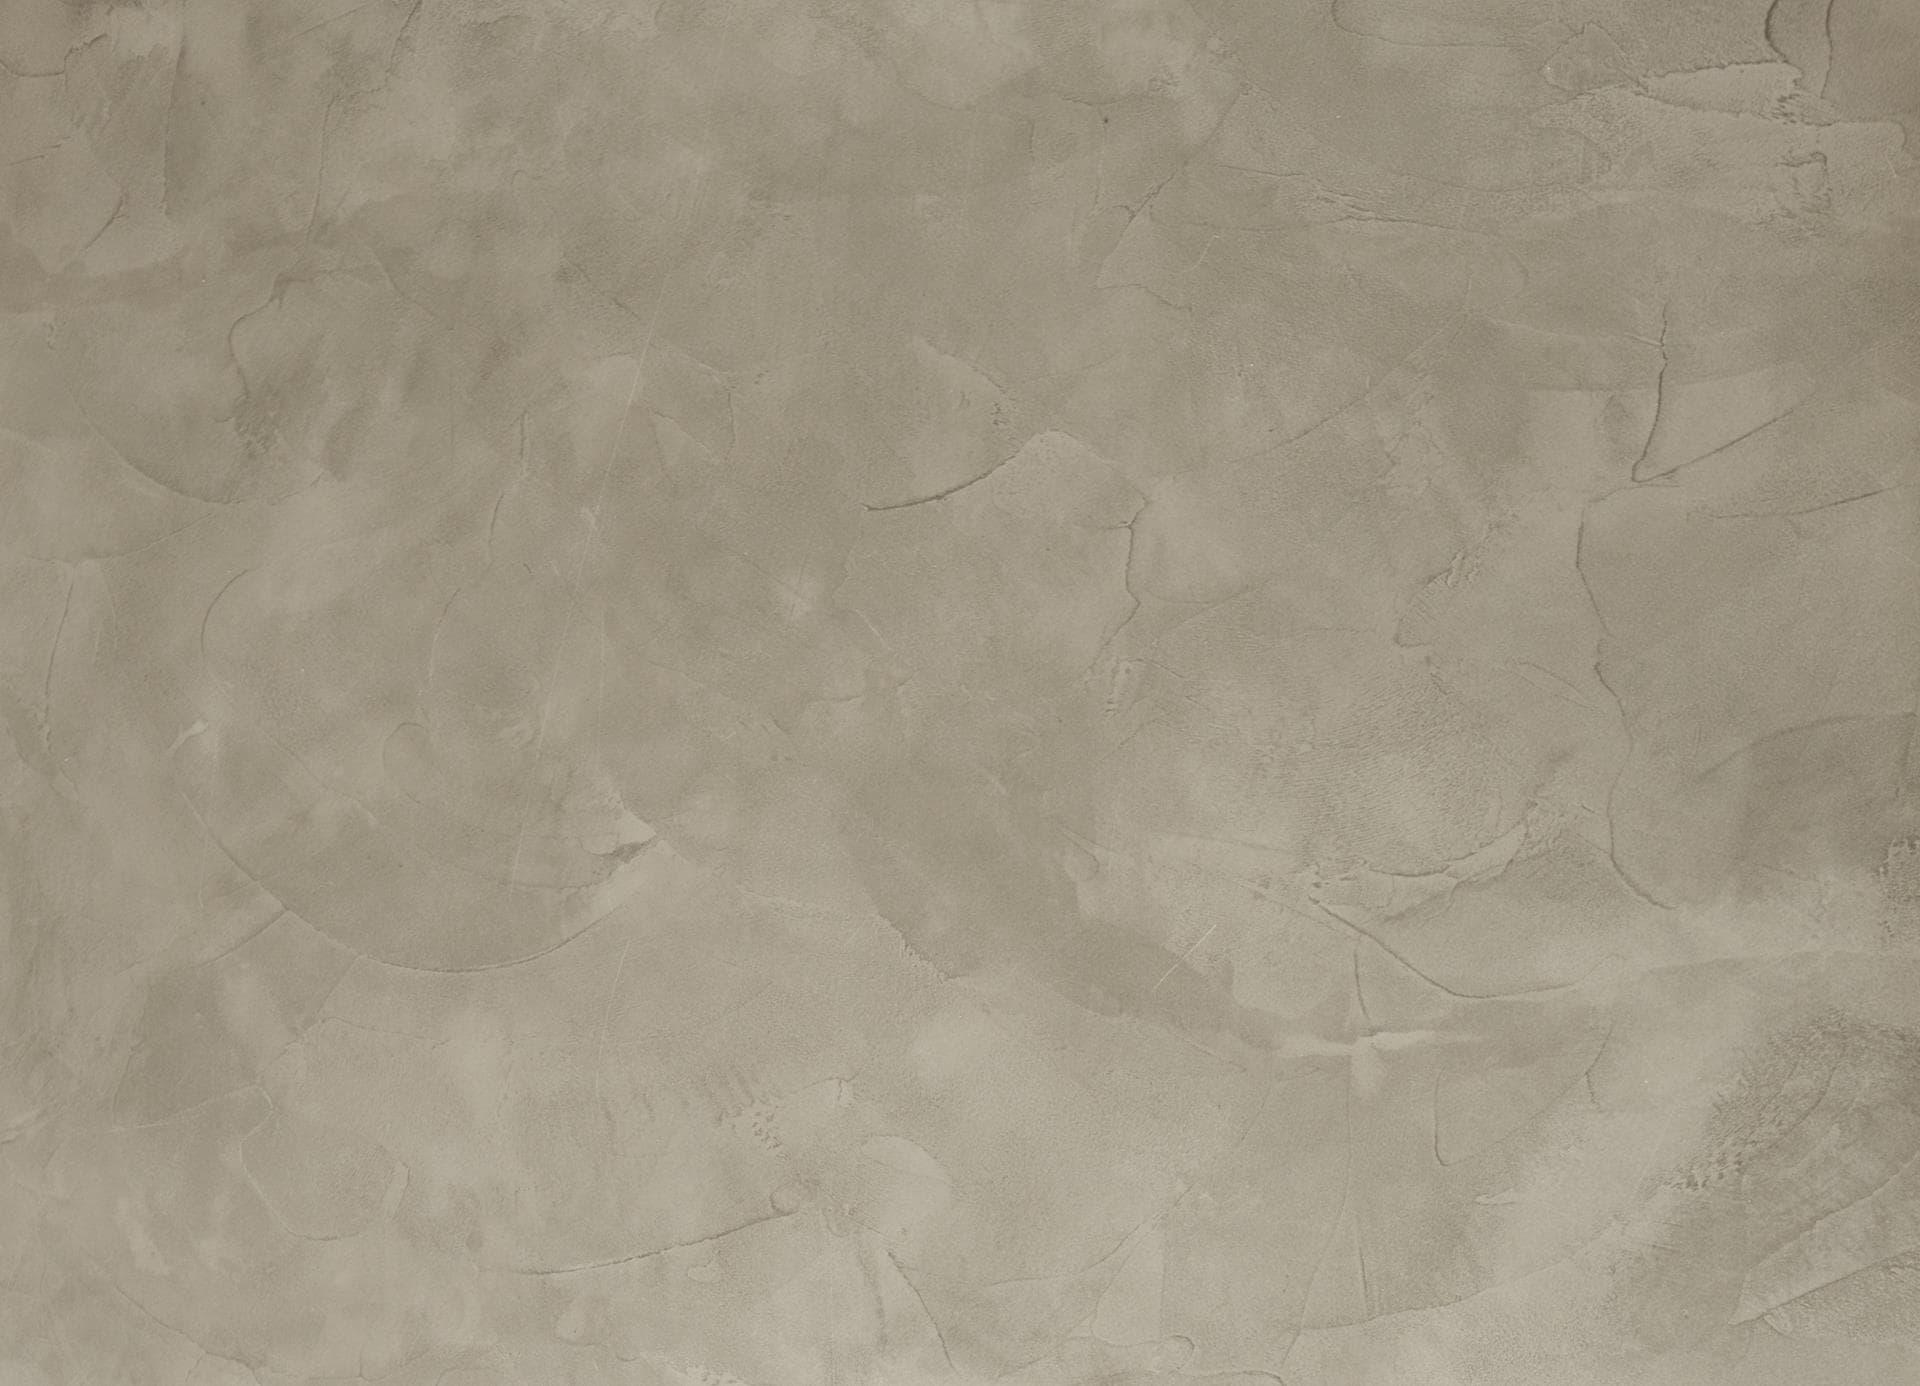 Schön Fugenloser Fußboden Das Beste Von So Kann Ein Fußboden Sich Ganz Dezent